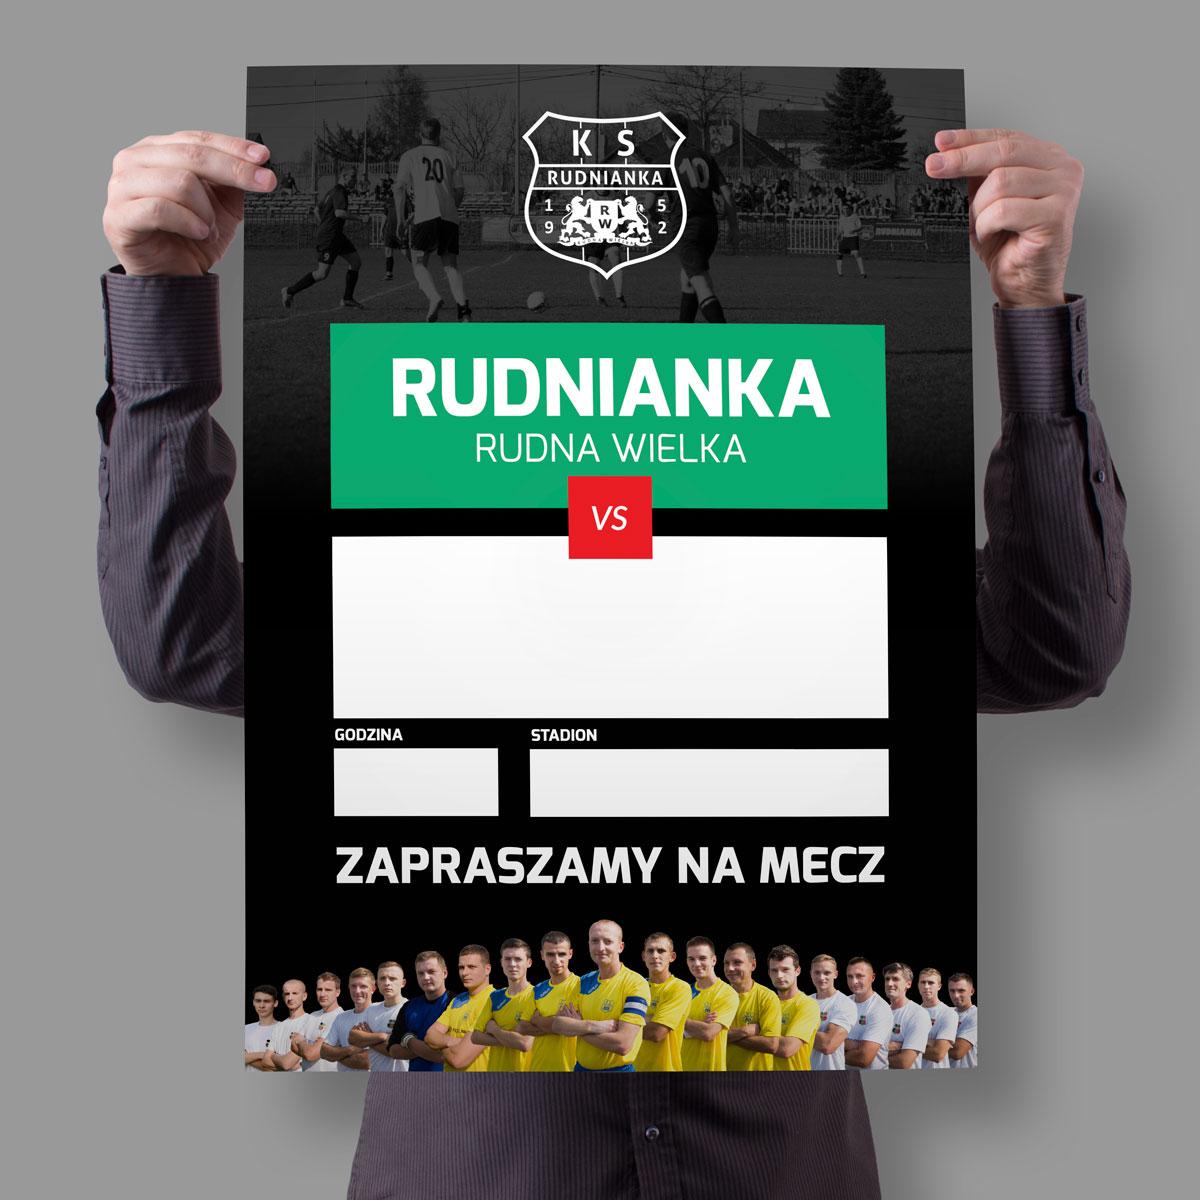 rudnianka-plakat-meczowy-sportowy-2016